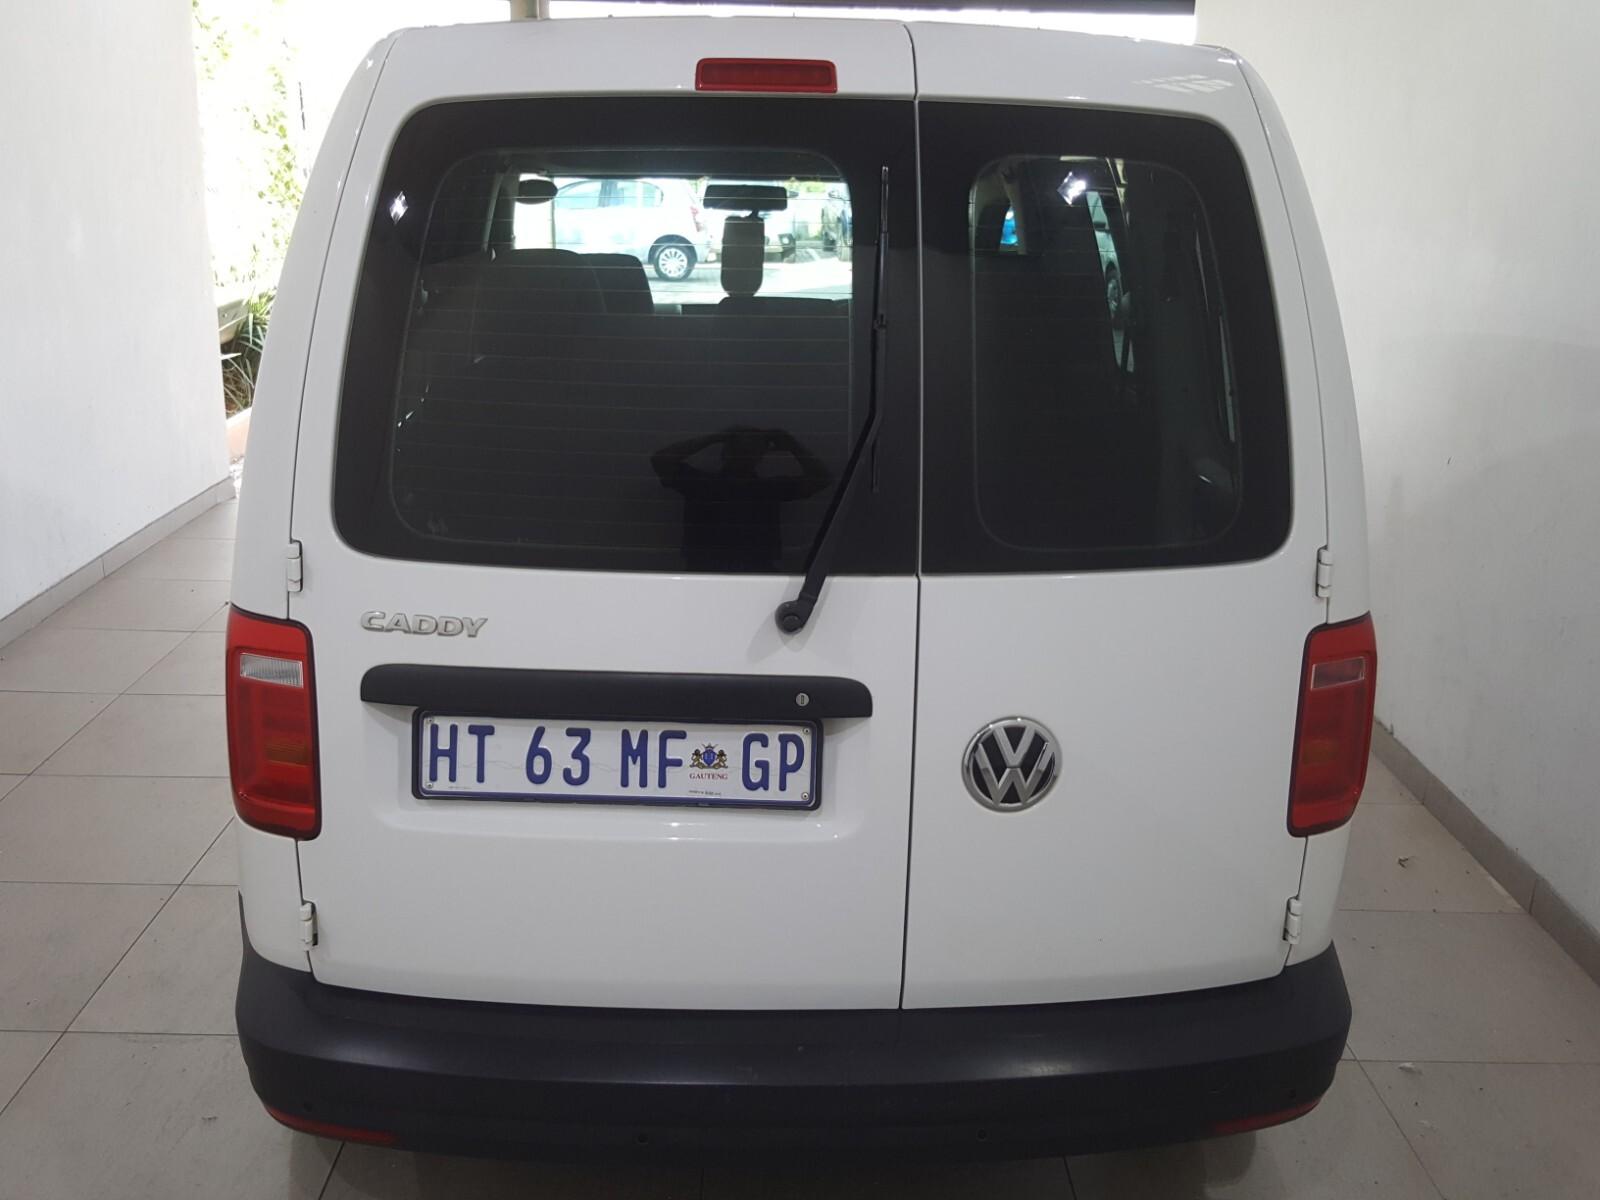 VOLKSWAGEN CREWBUS 1.6i  (7 SEAT) Roodepoort 10330266